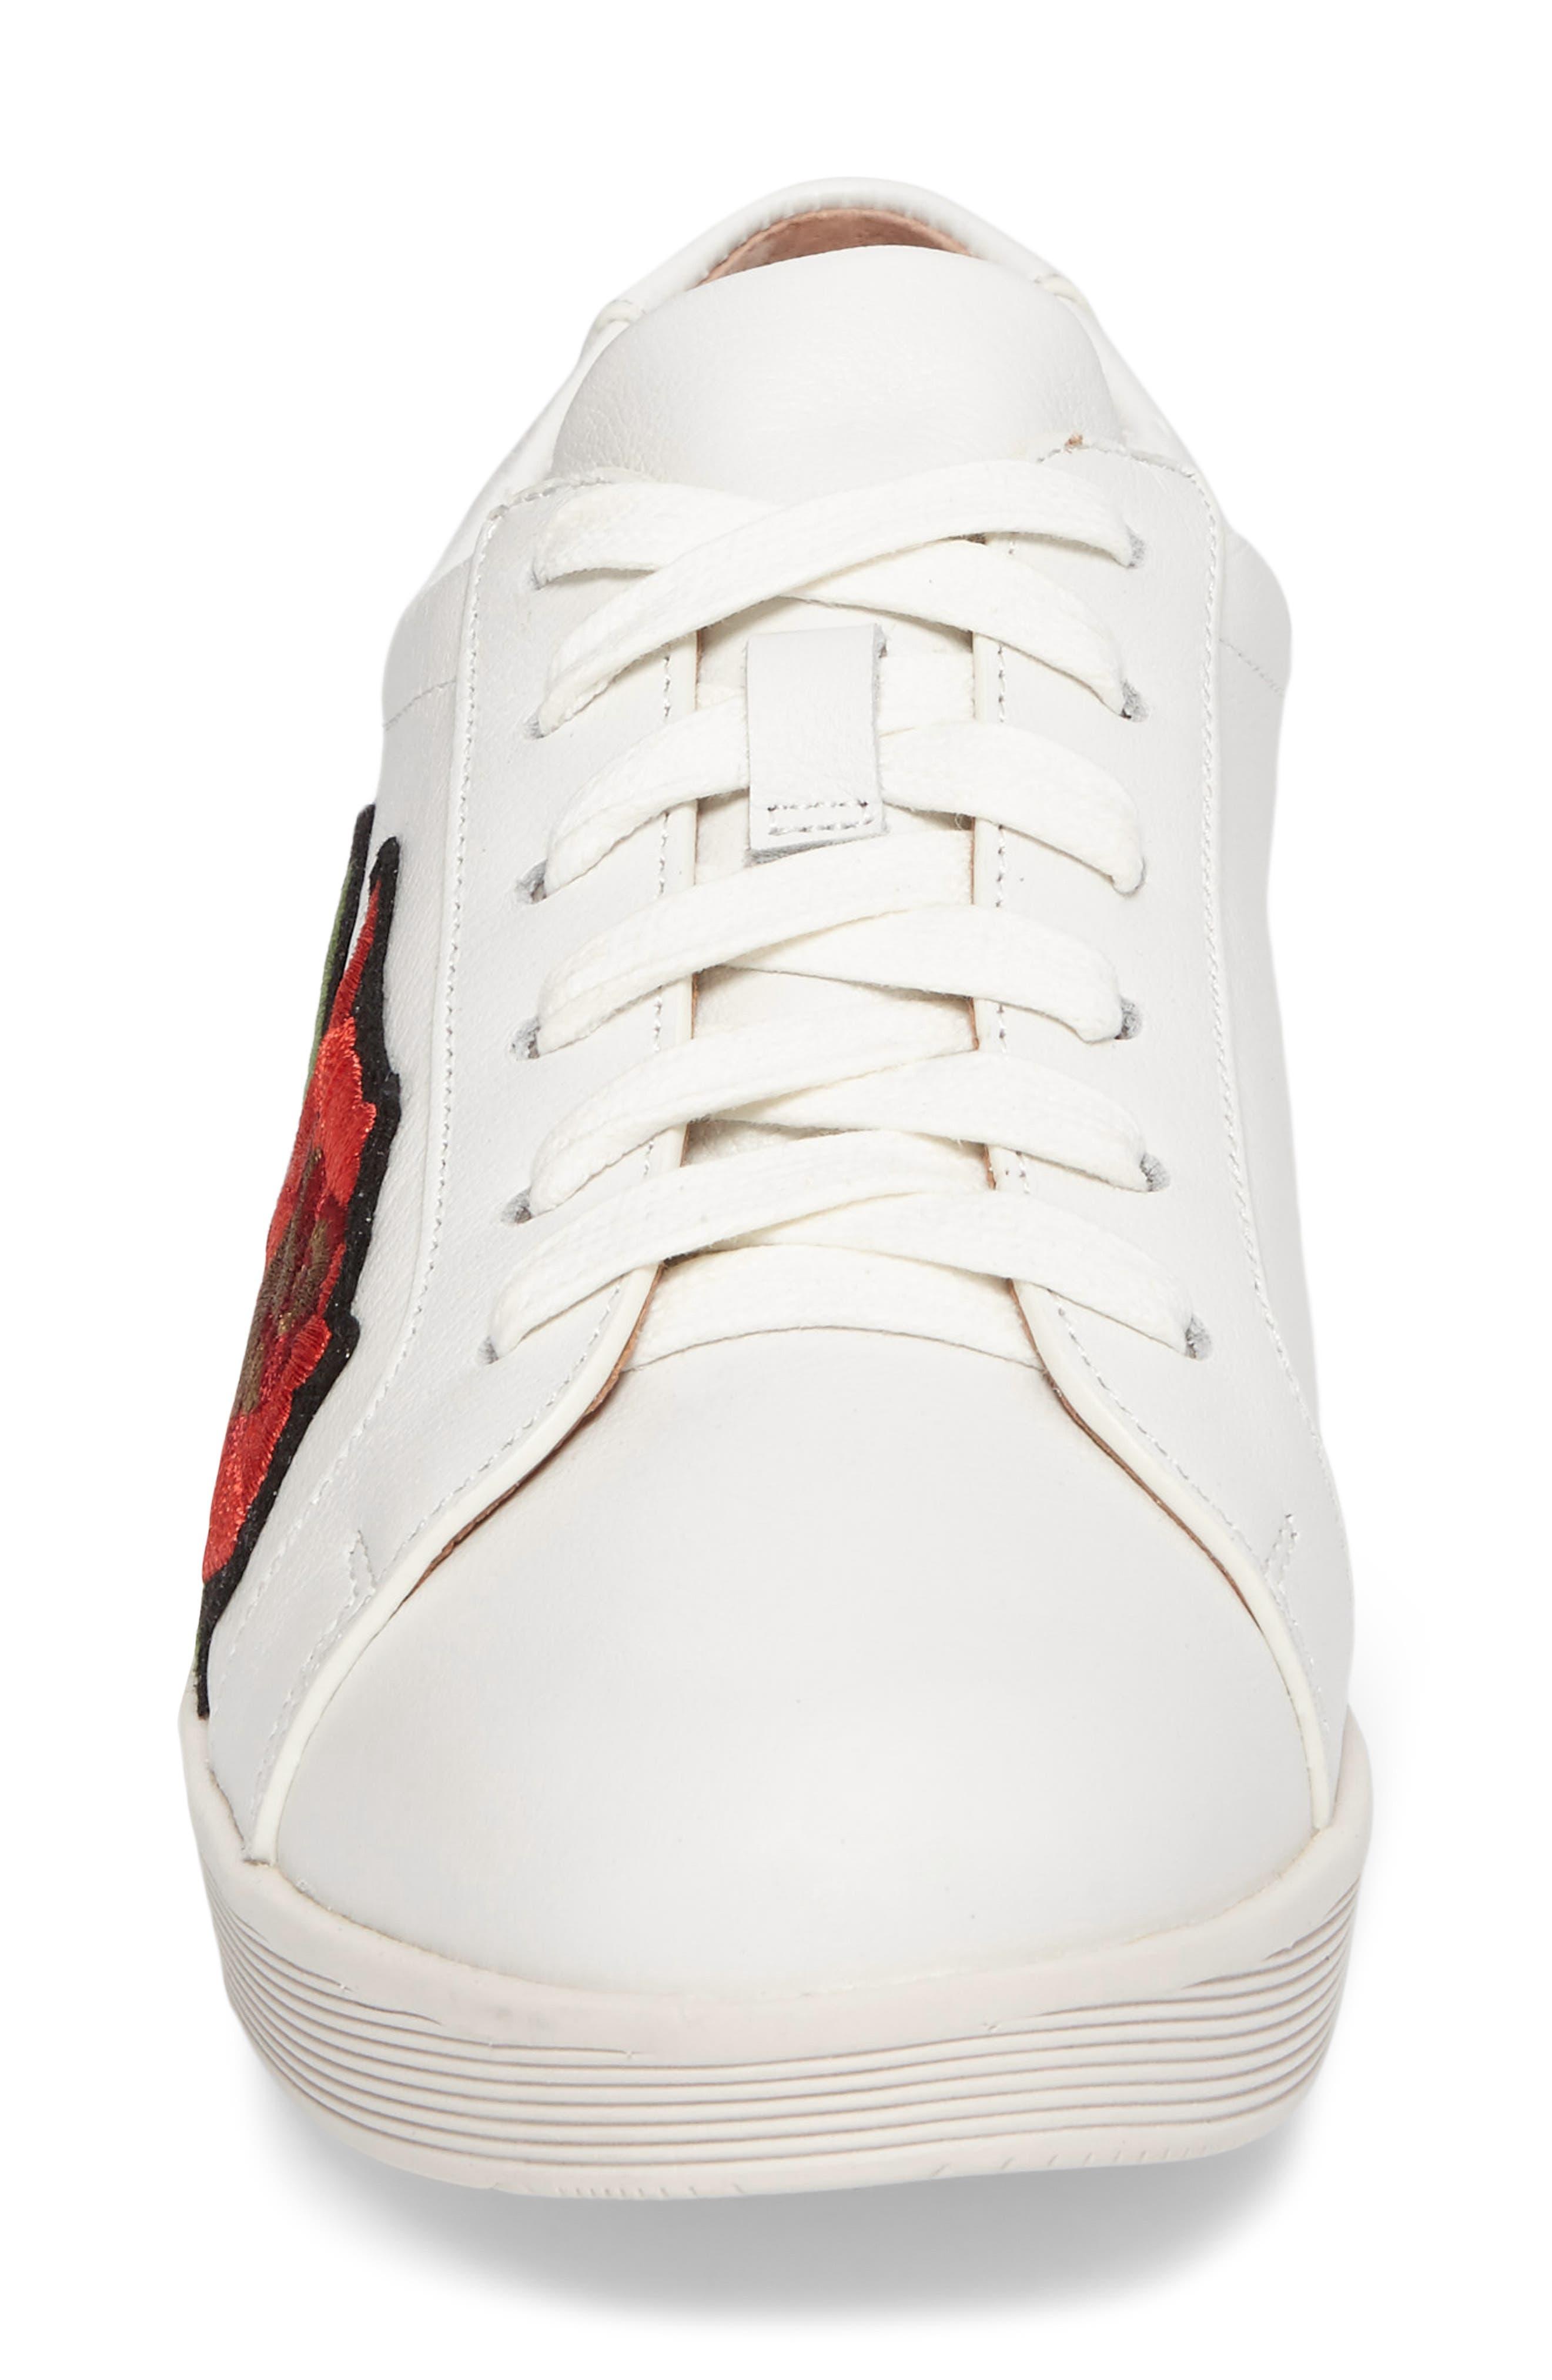 Gentle Soles Haddie Rose Sneaker,                             Alternate thumbnail 4, color,                             110